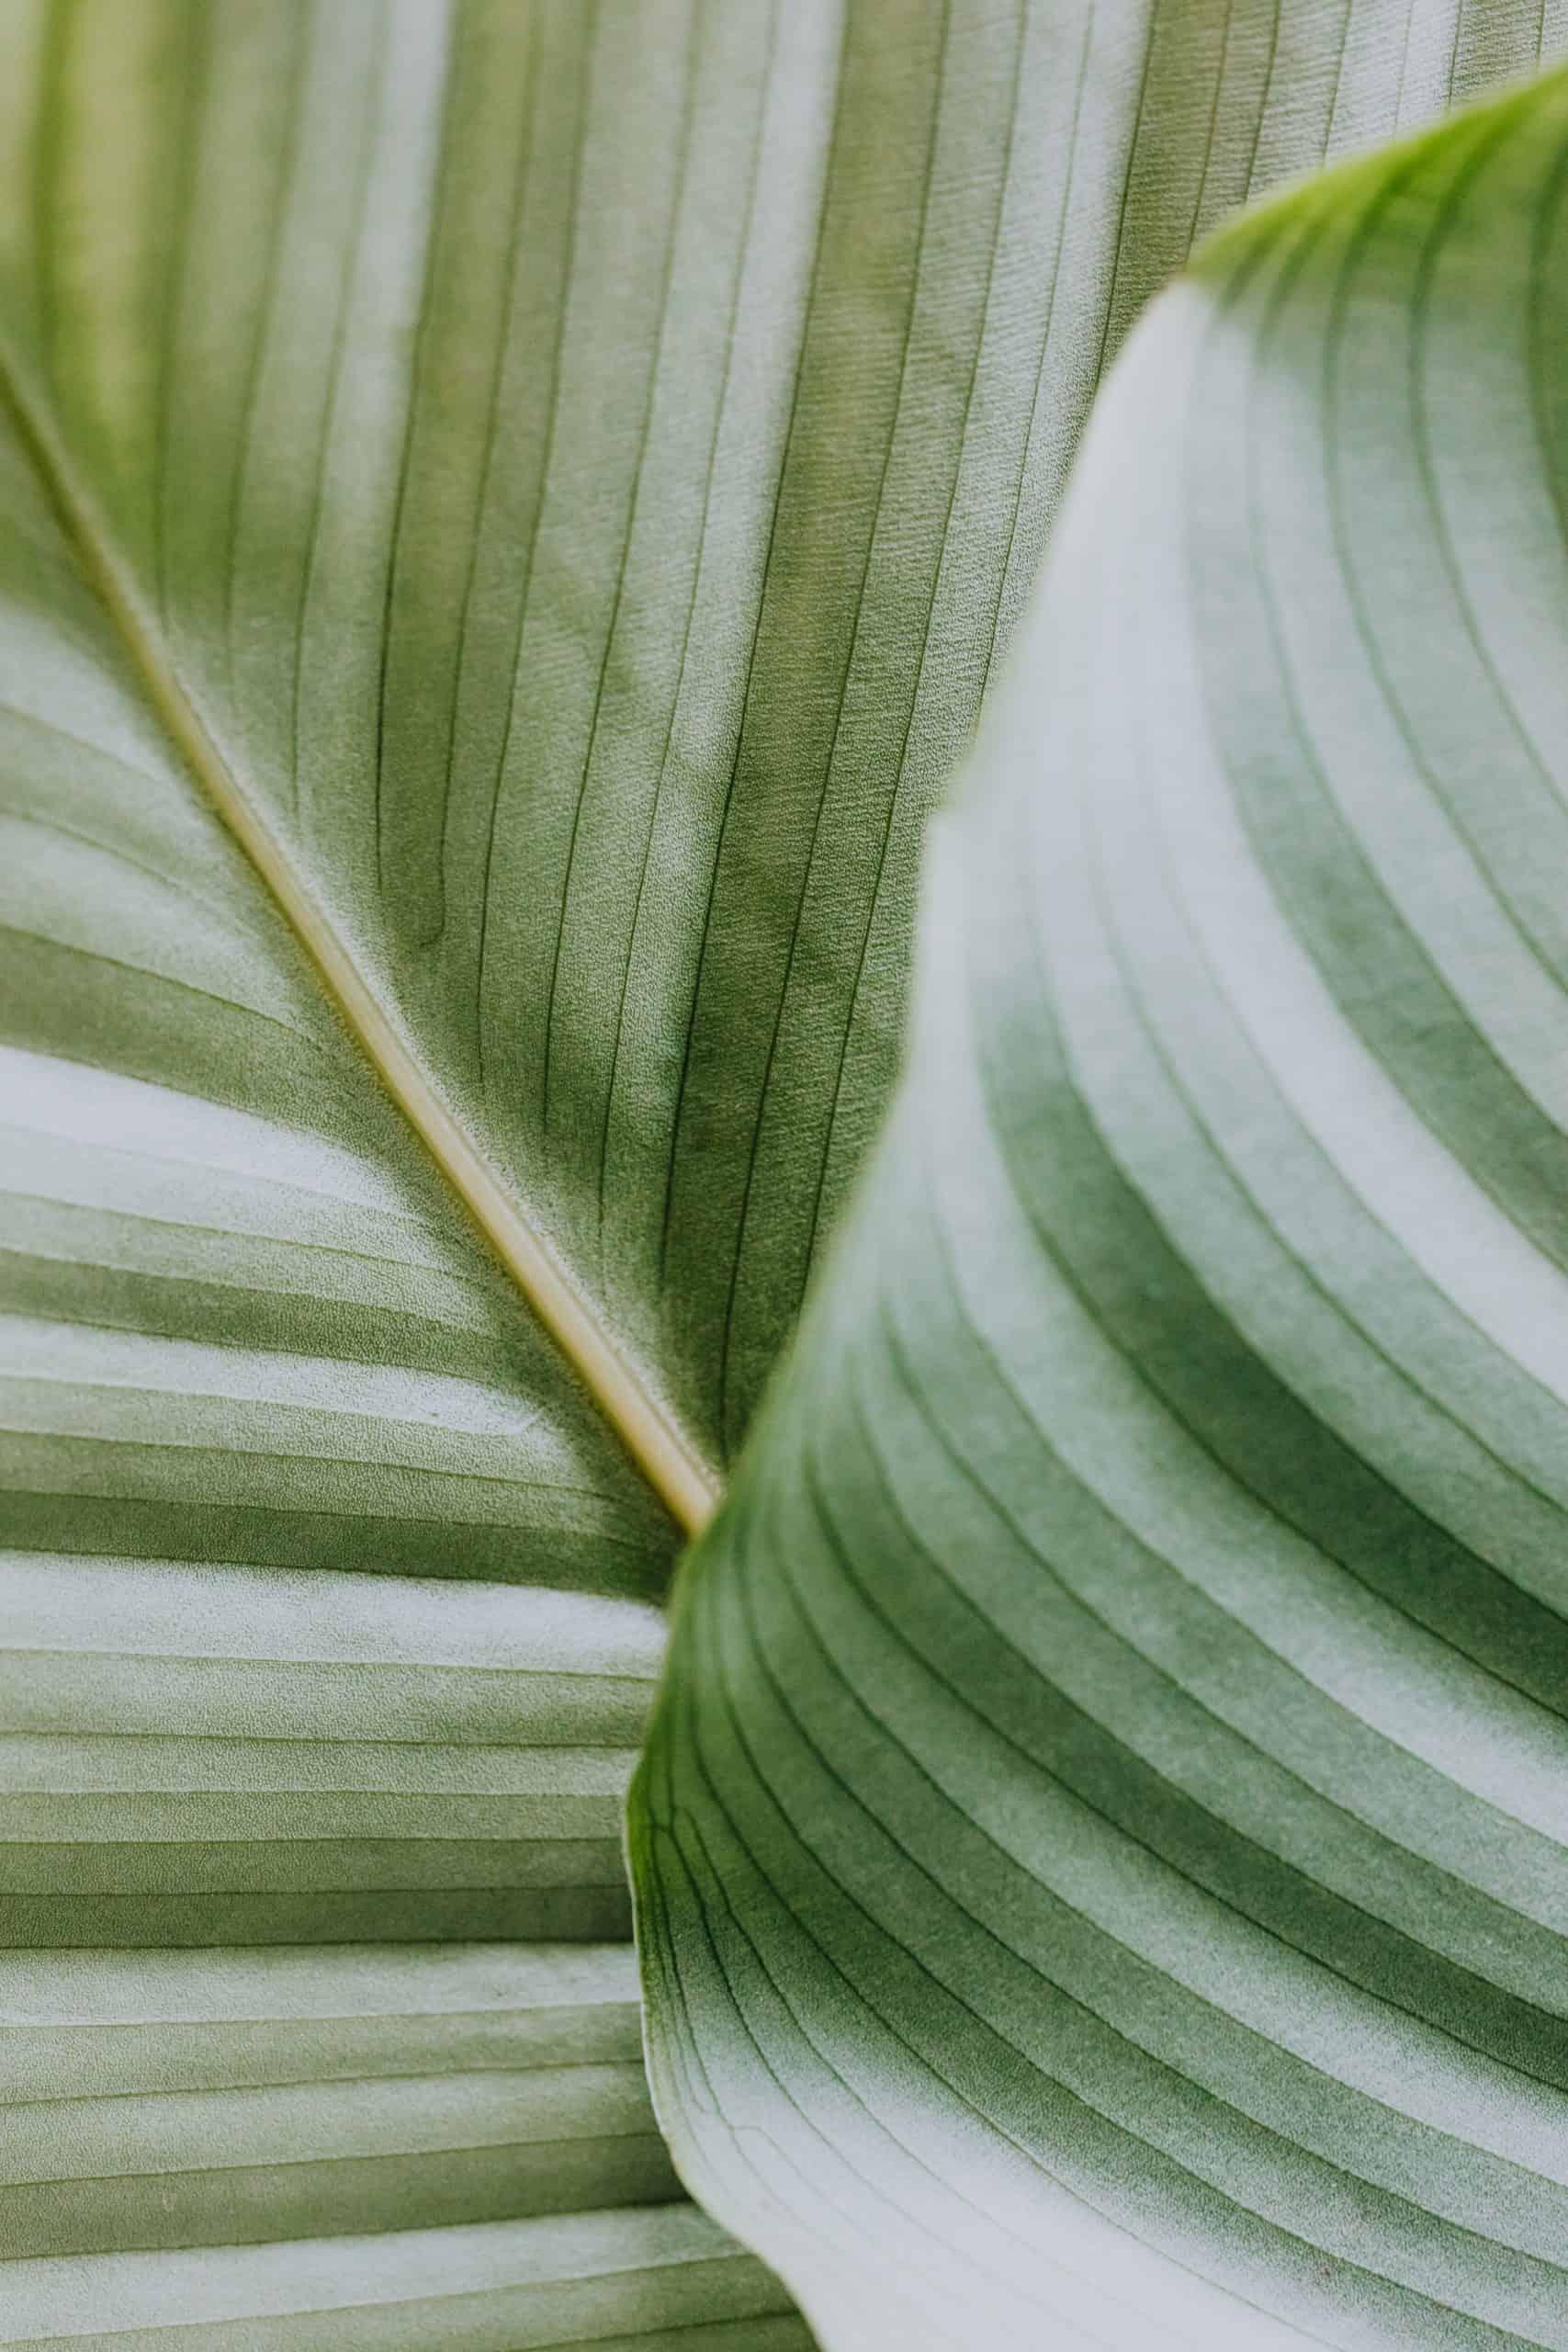 Linear Leaves by Karolina Grabowska